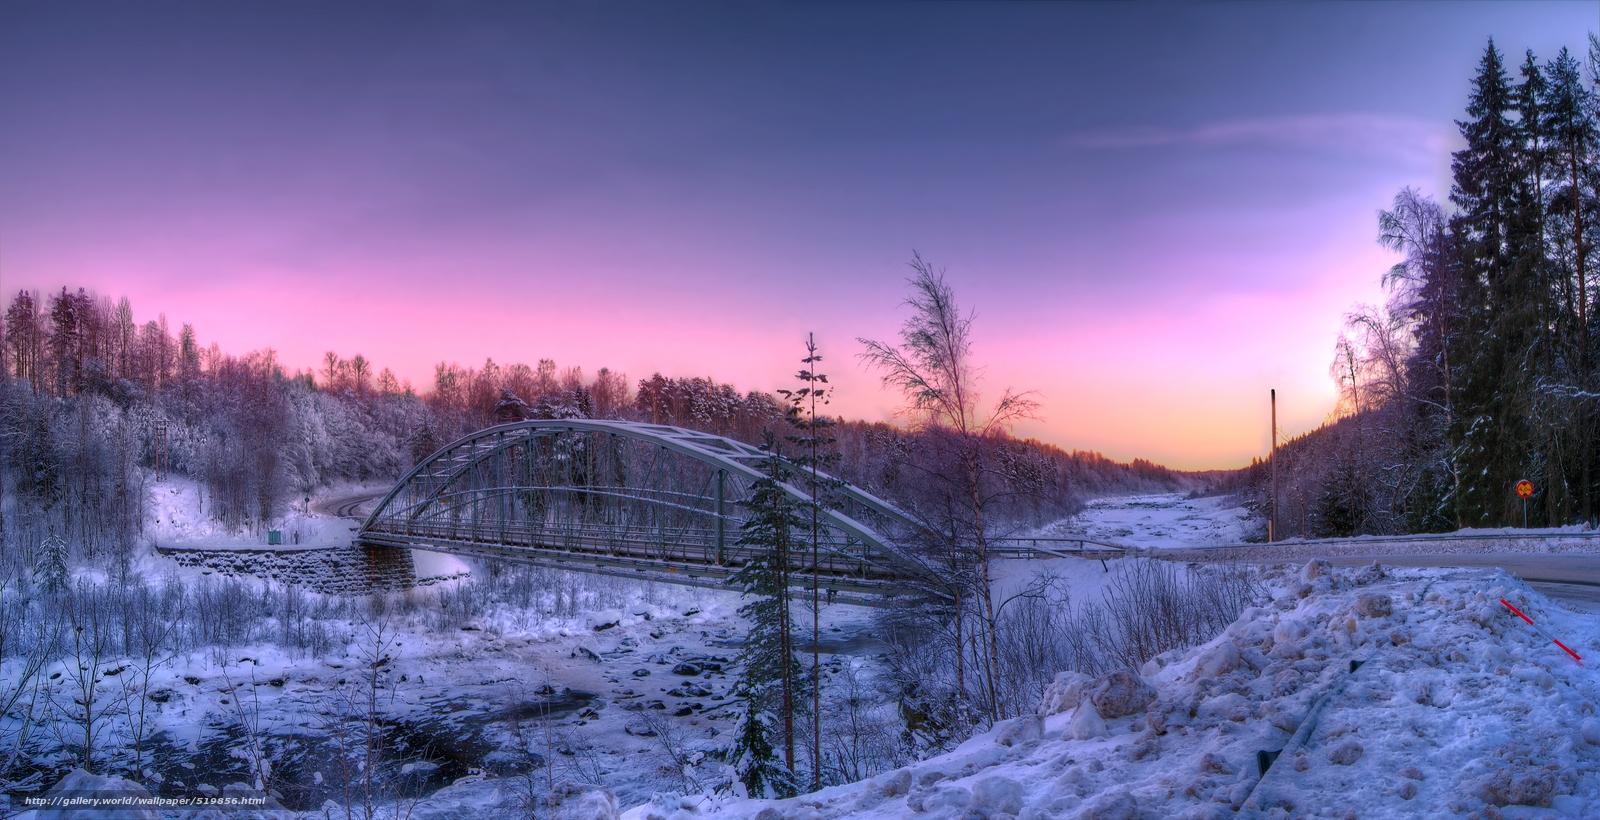 Scaricare gli sfondi norrland sweden inverno strada for Sfondi gratis desktop inverno